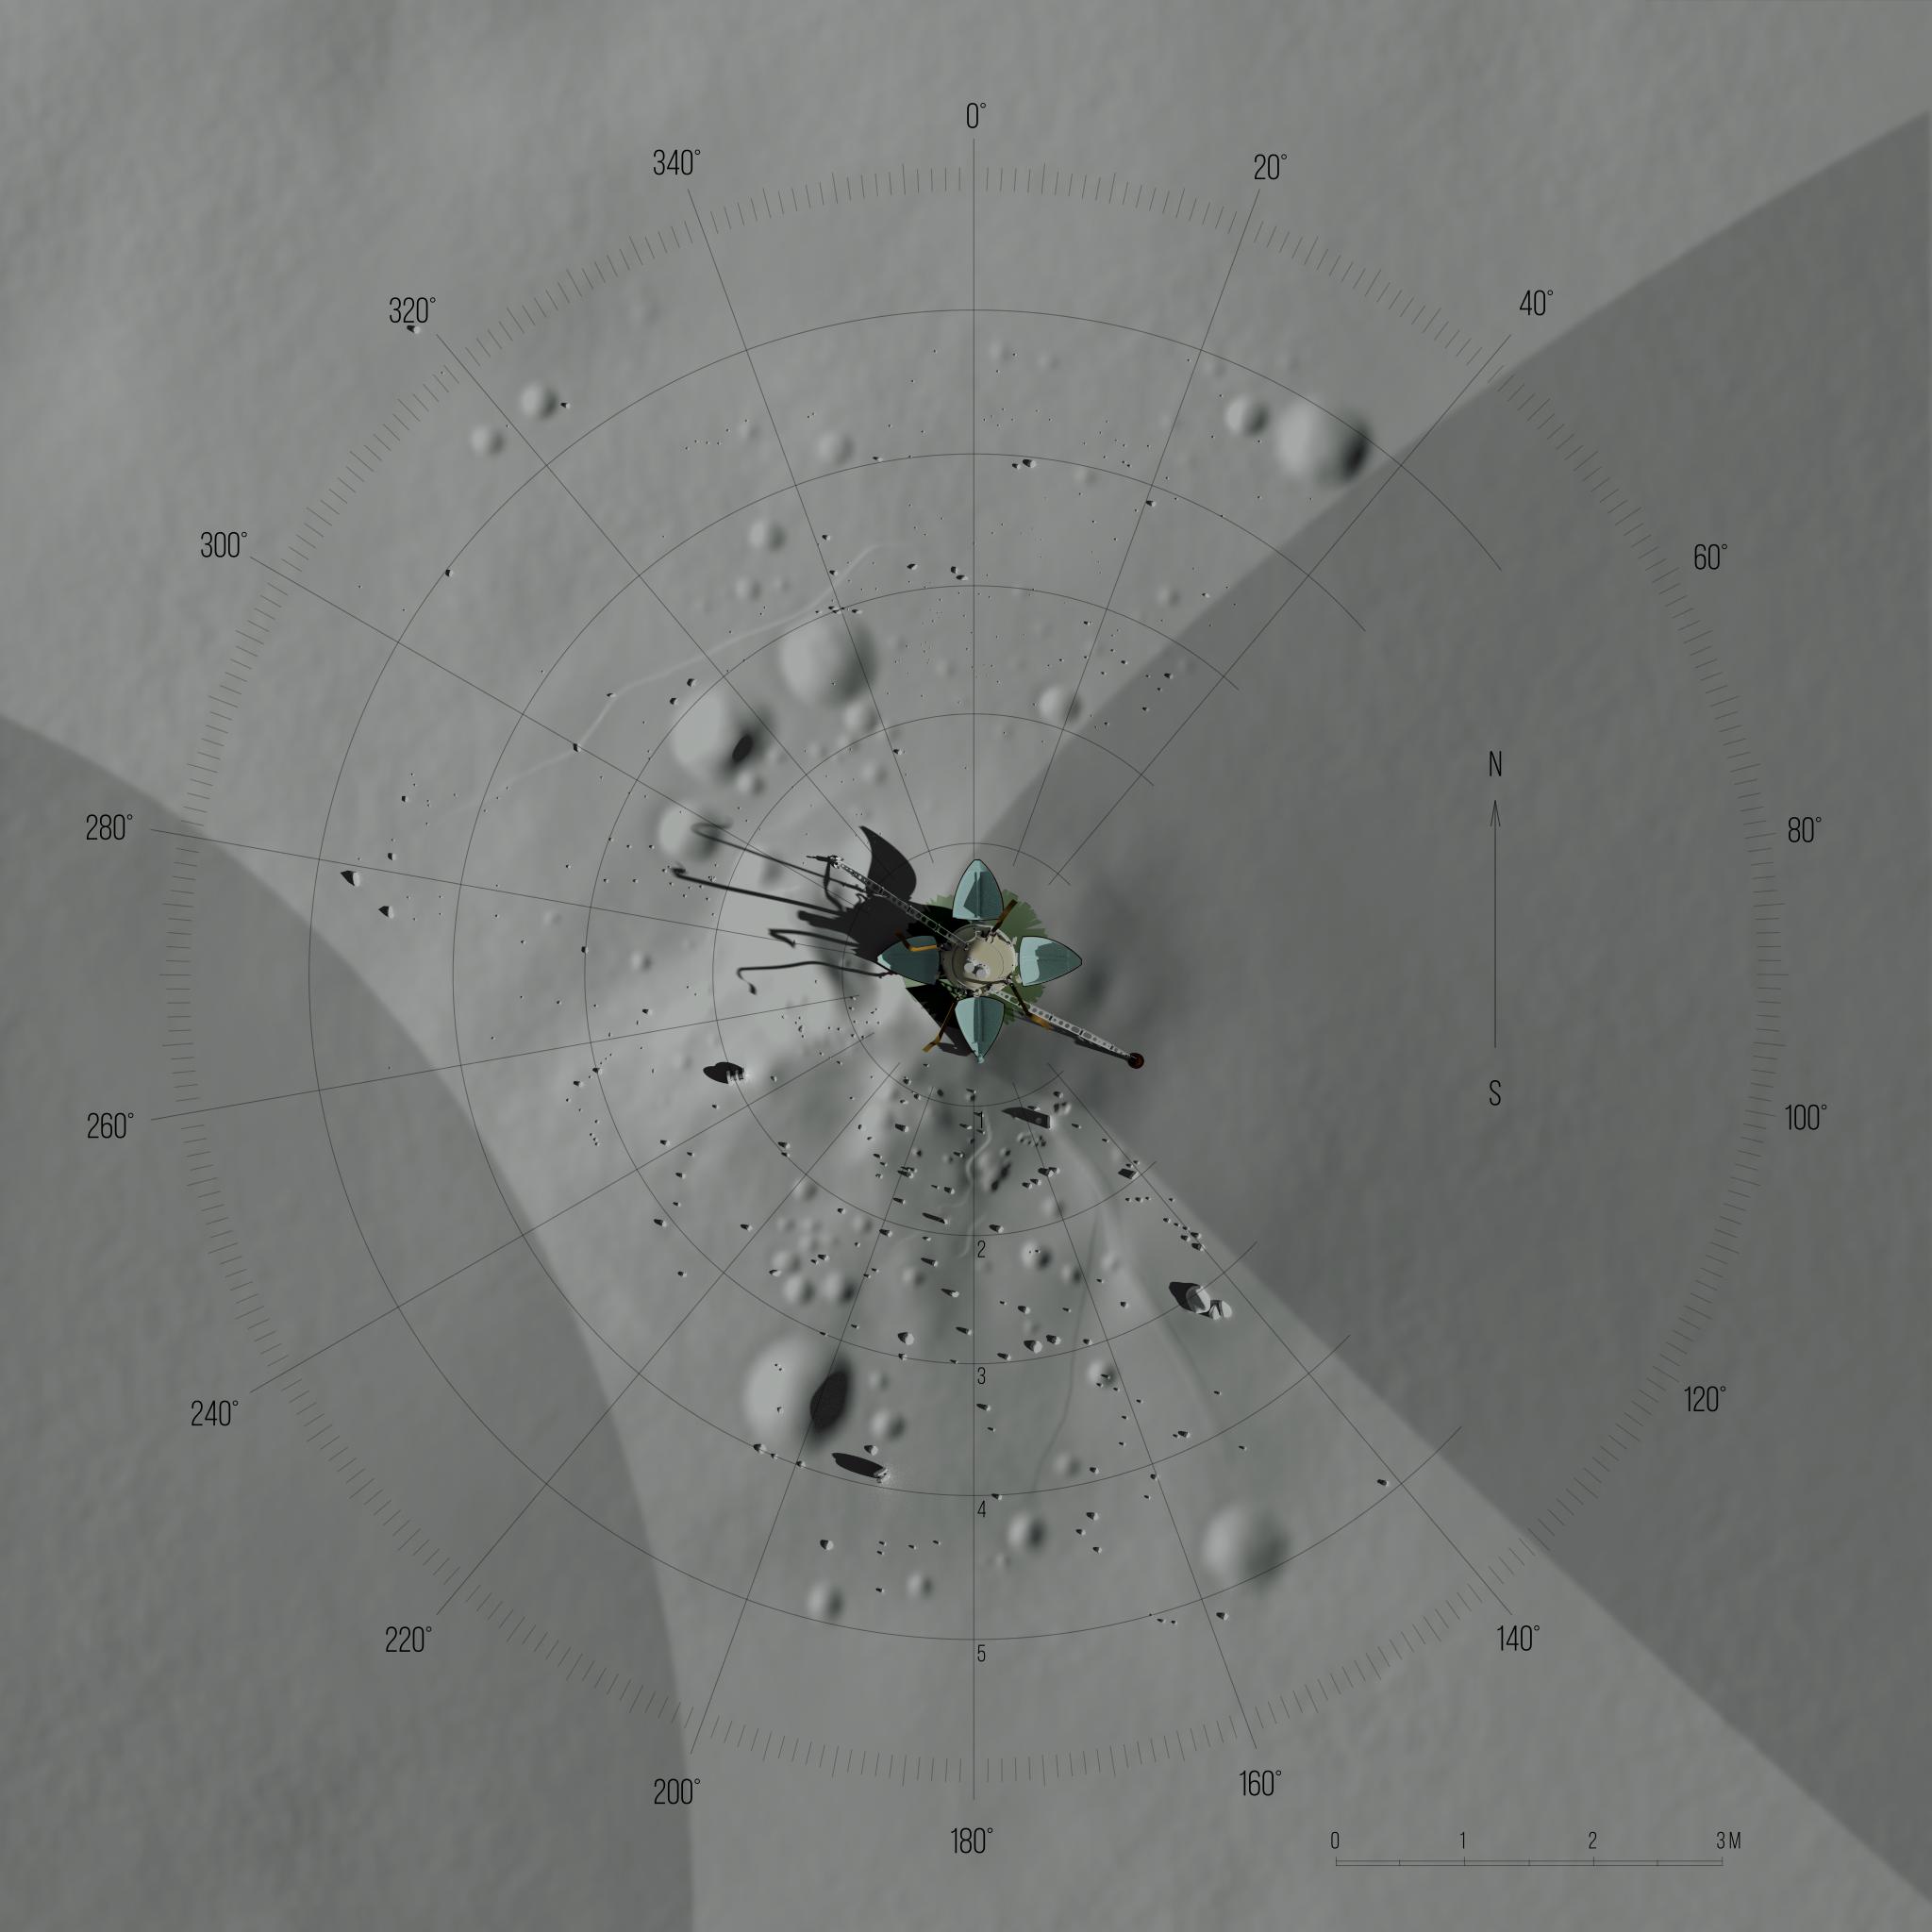 Как я реконструировал места посадок АЛС Луна 9 и Луна 13 - 13